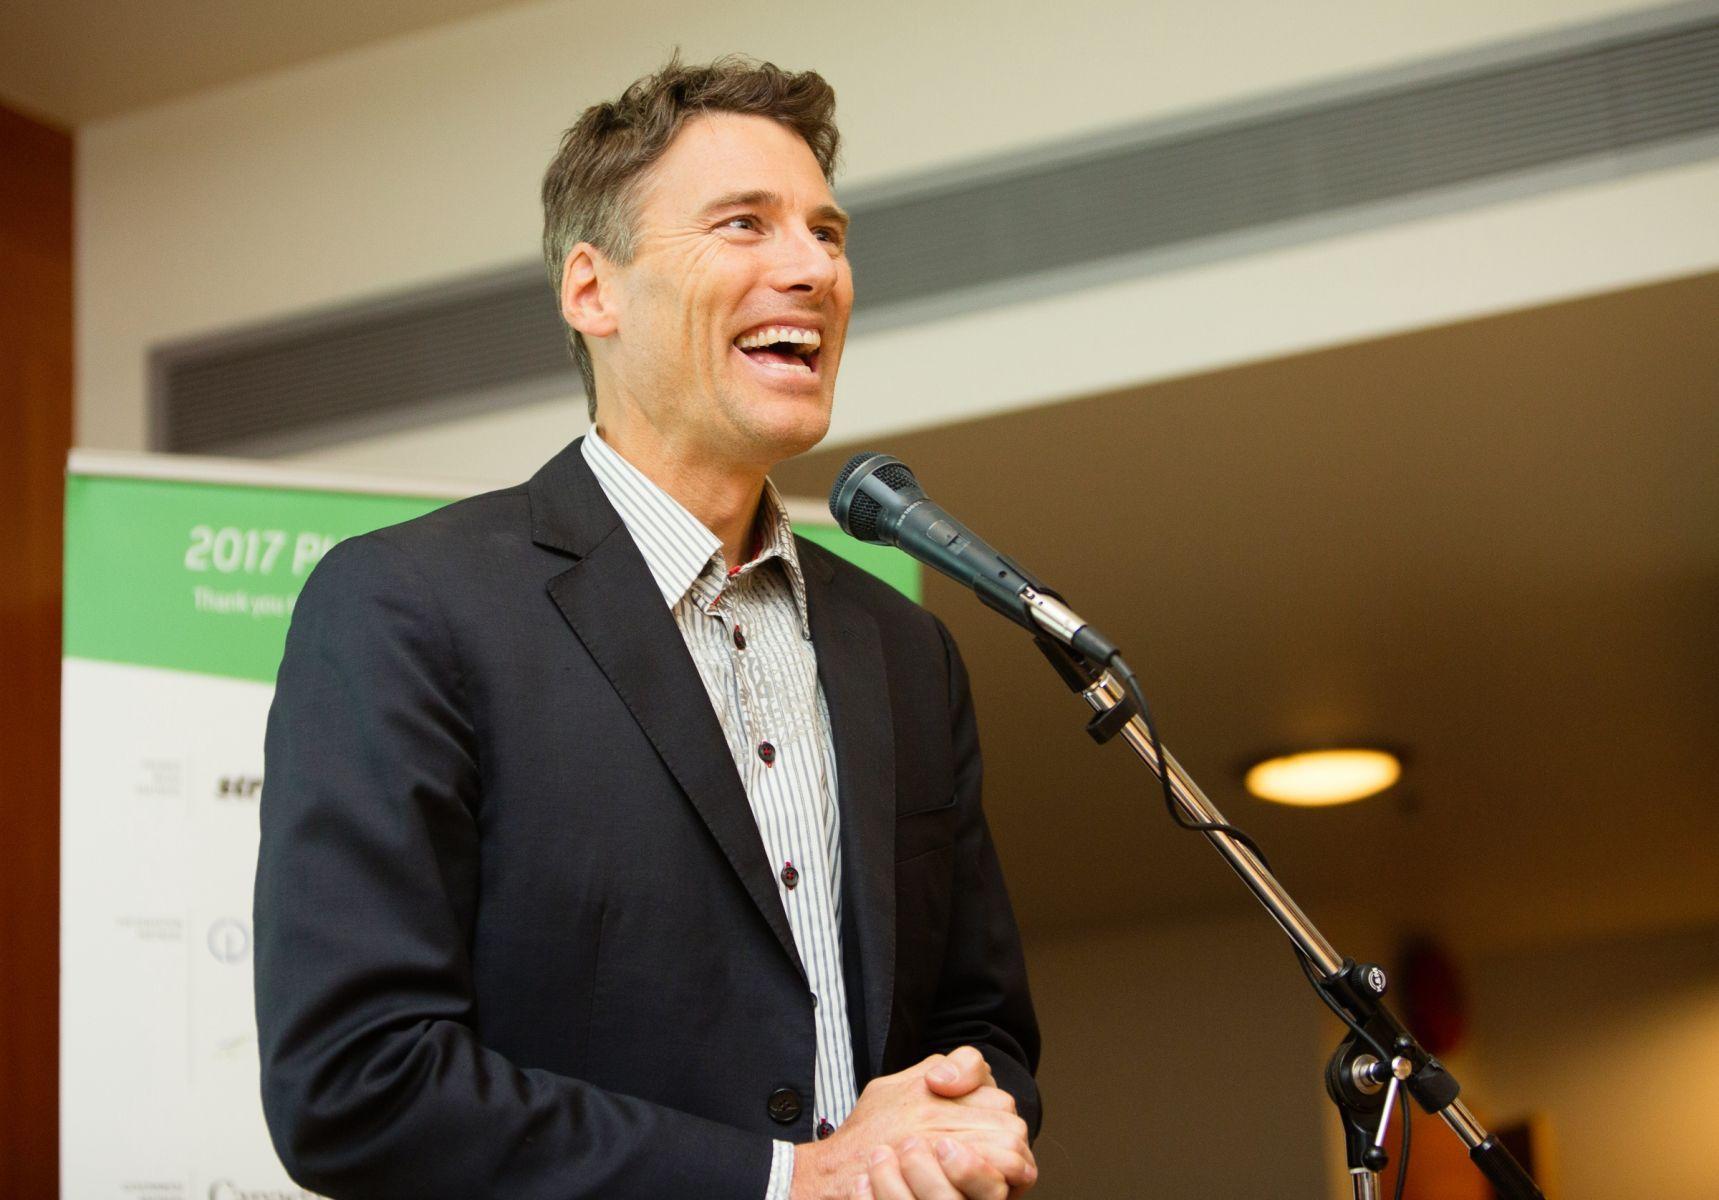 Vancouver Mayor Gregor Robertson, 2017